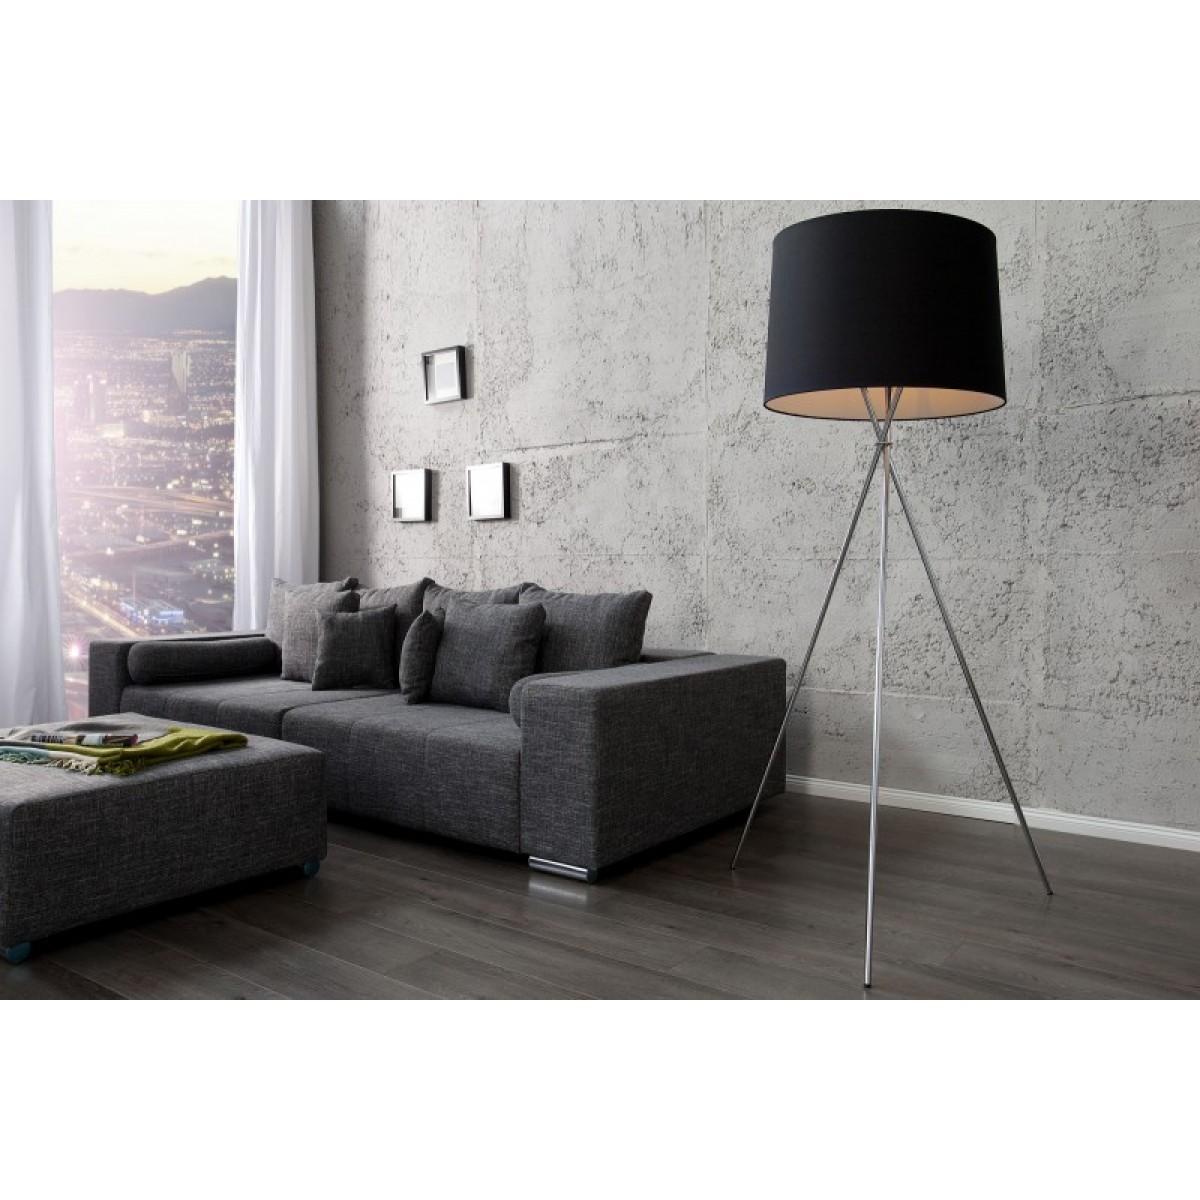 stehleuchte schwarz silber mit lampenschirm schwarz stehlampe mit schwarzen lampenschirm. Black Bedroom Furniture Sets. Home Design Ideas